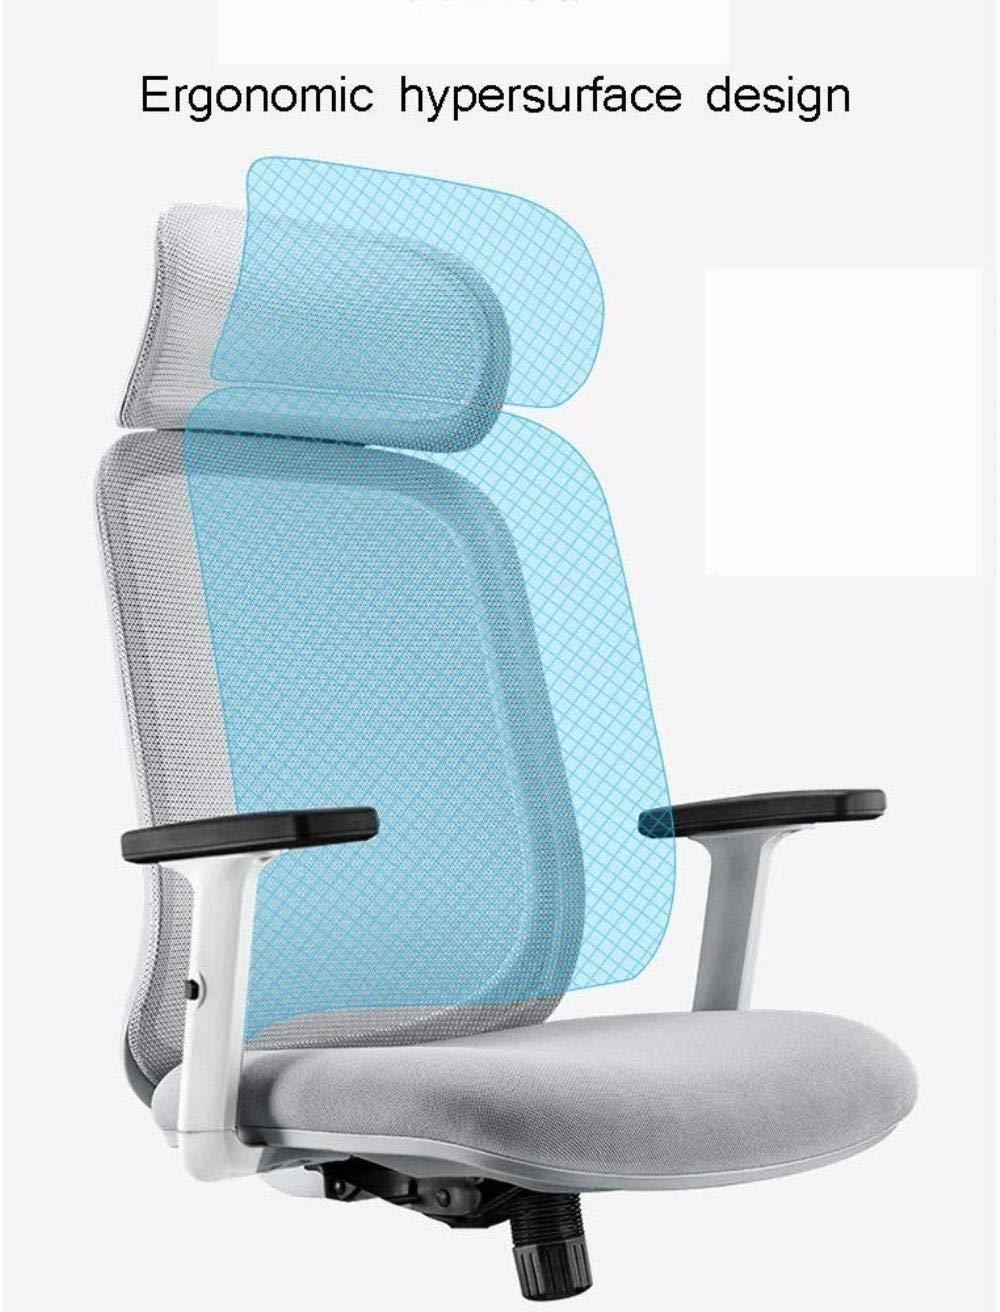 Barstolar Xiuyun kontorsstol spelstol, ergonomisk höjd justerbar datorstol, svängbar stol med hög rygg, skrivbordsstol med lyfträcke och huvudstöd nätstol (färg: Stil2) stil2